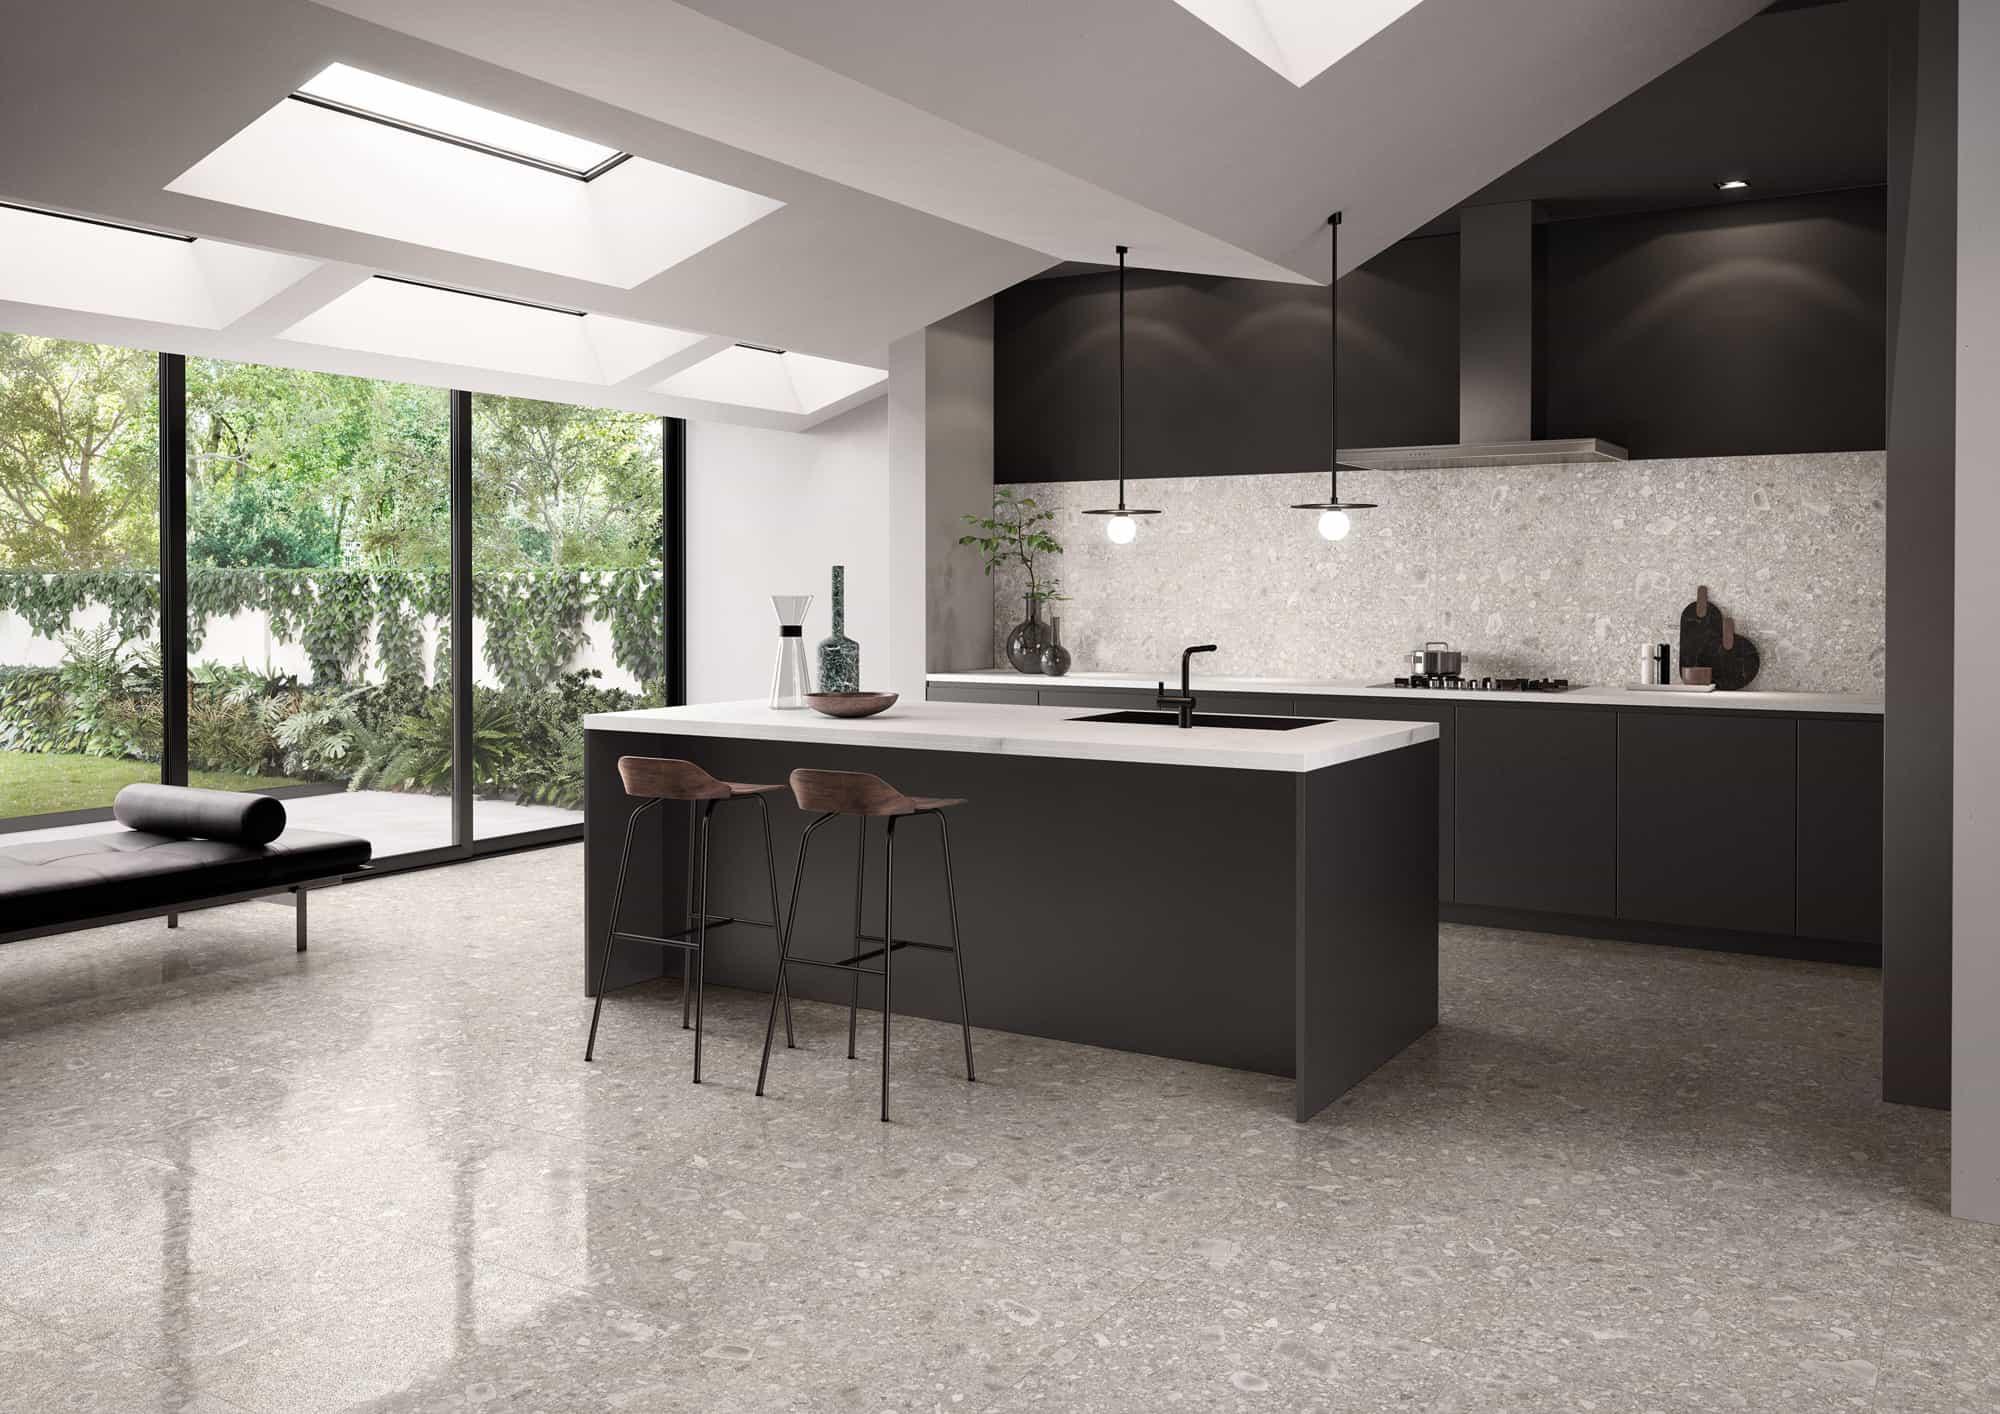 Lombarda-Grey-60x60-Lapp-30x60-Nat-Amb-Cucina